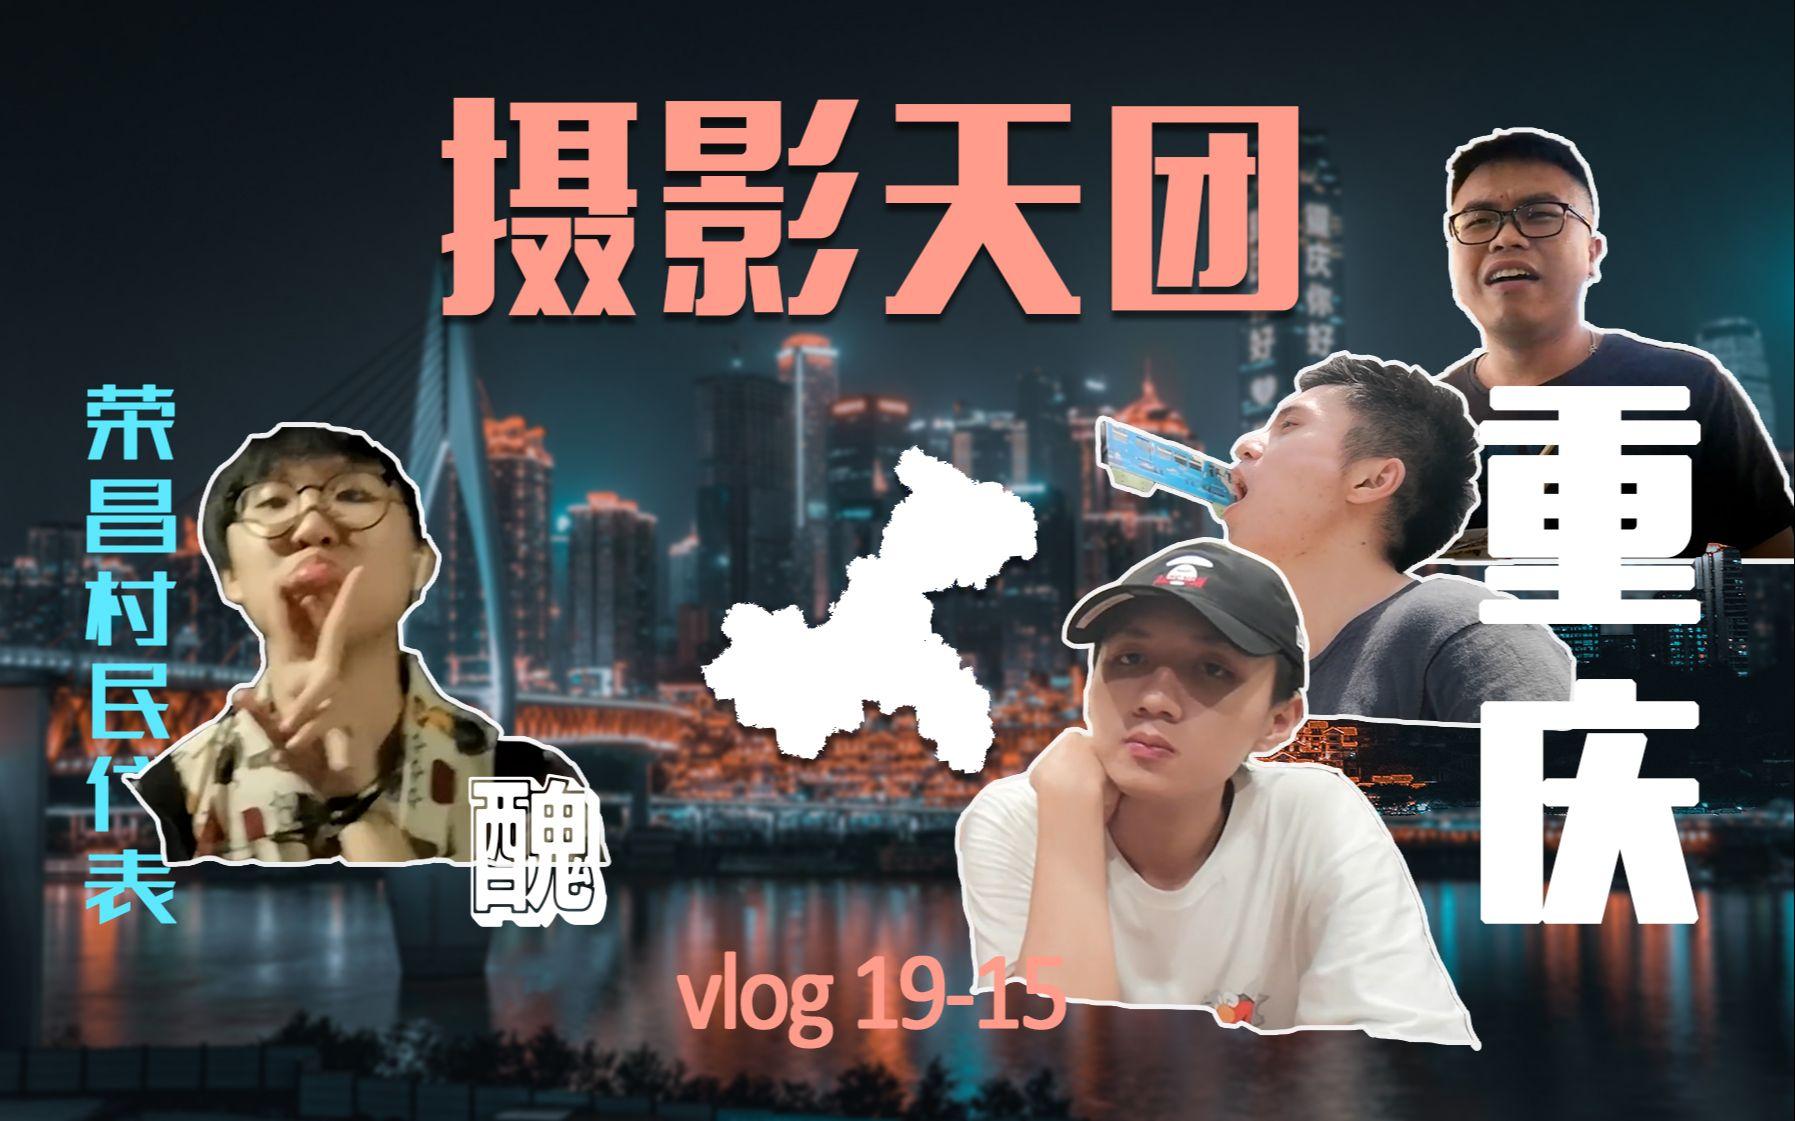 重庆摄影天团 真实沙雕老法师